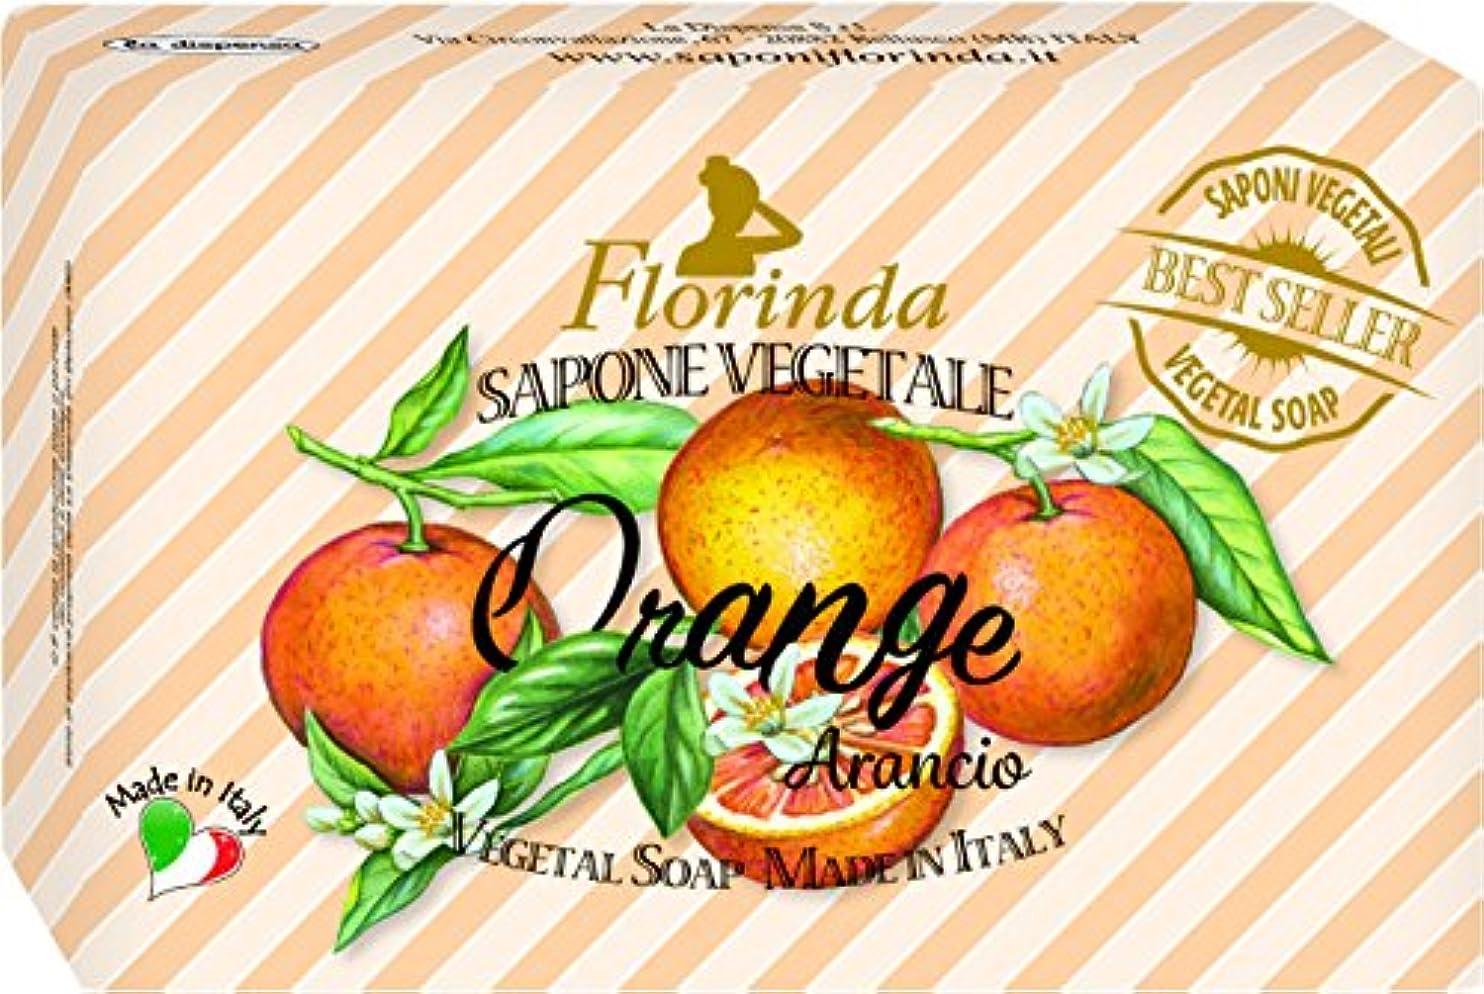 ランタン遺棄された引退するフレグランスソープ ベストセラーシリーズ オレンジ